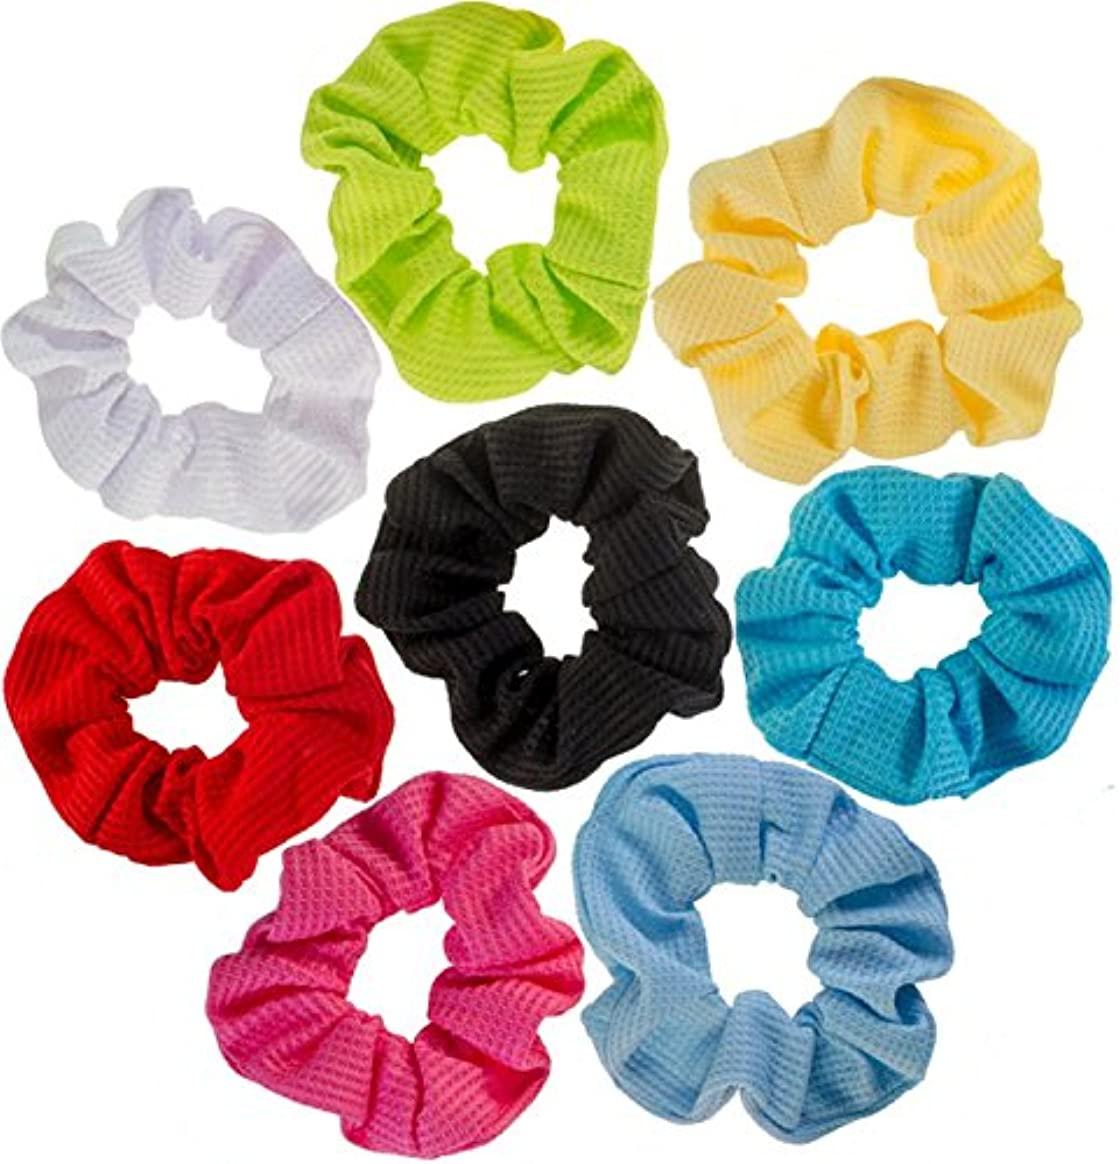 干ばつスペードおじさんOrient Direct 女性と女の子のための髪のScrunchies 8個の簡単な練習の髪のへそ